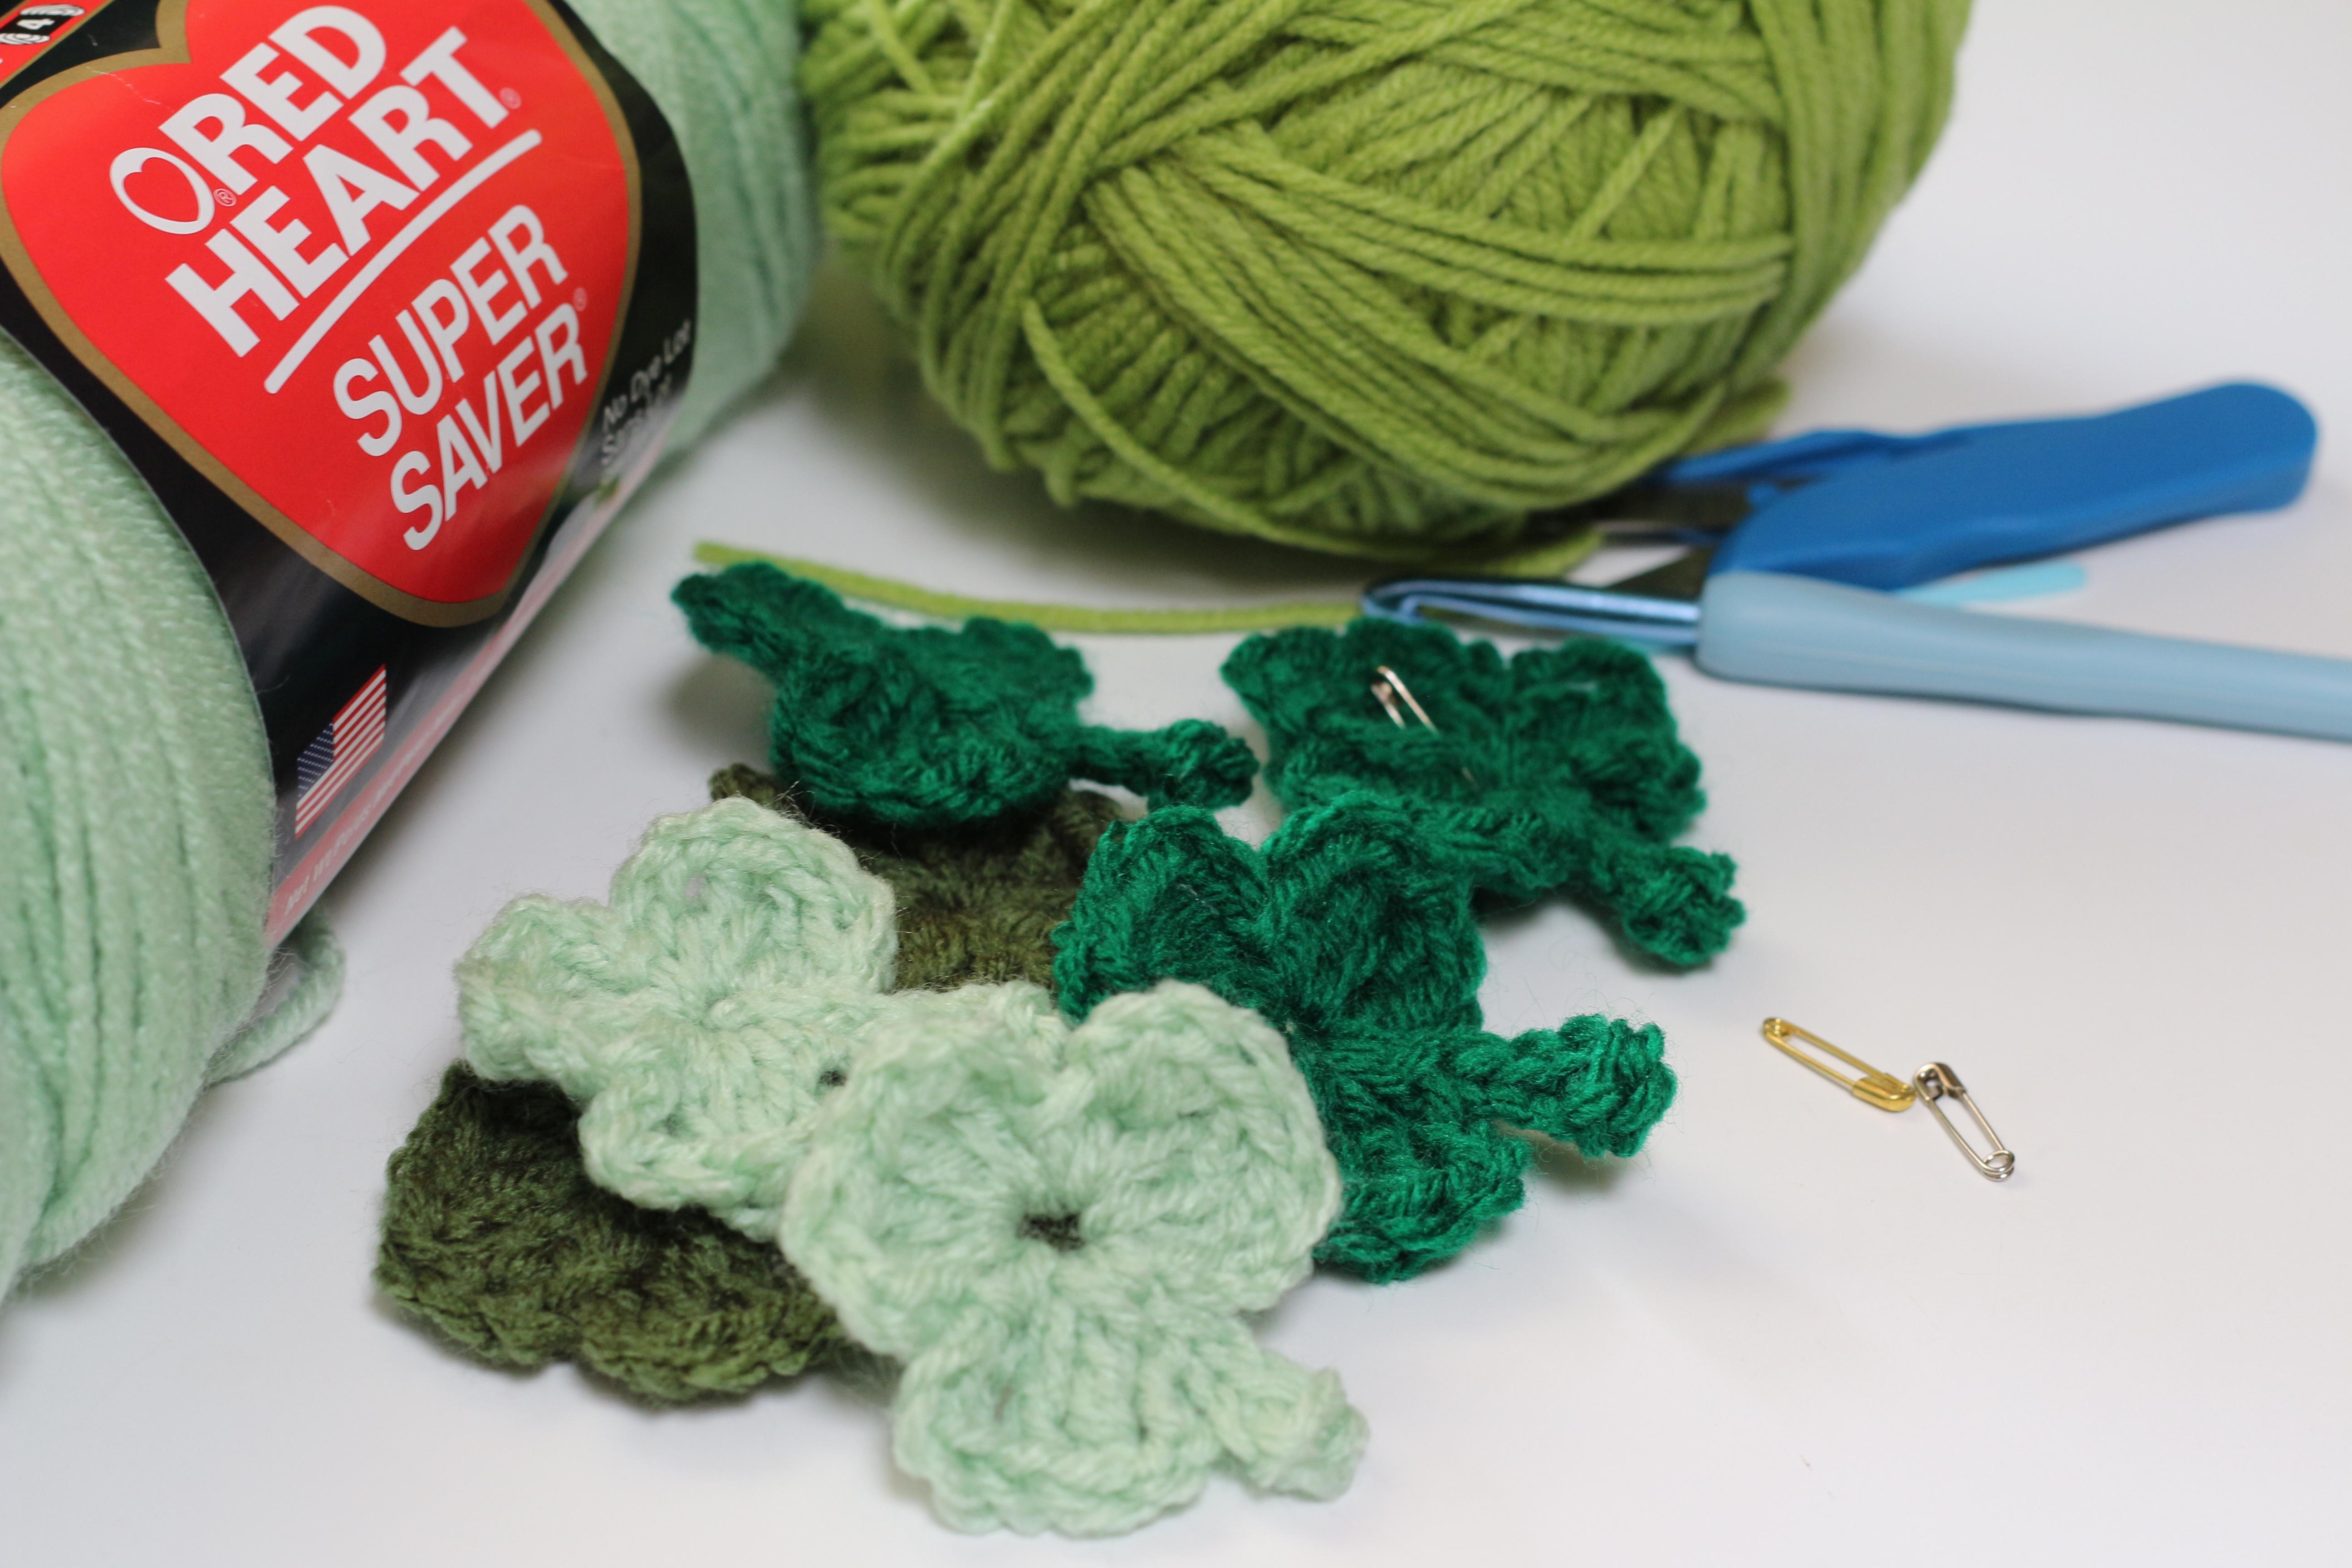 Fotos gratis : flor, patrón, verde, símbolo, material, hilo, tejer ...